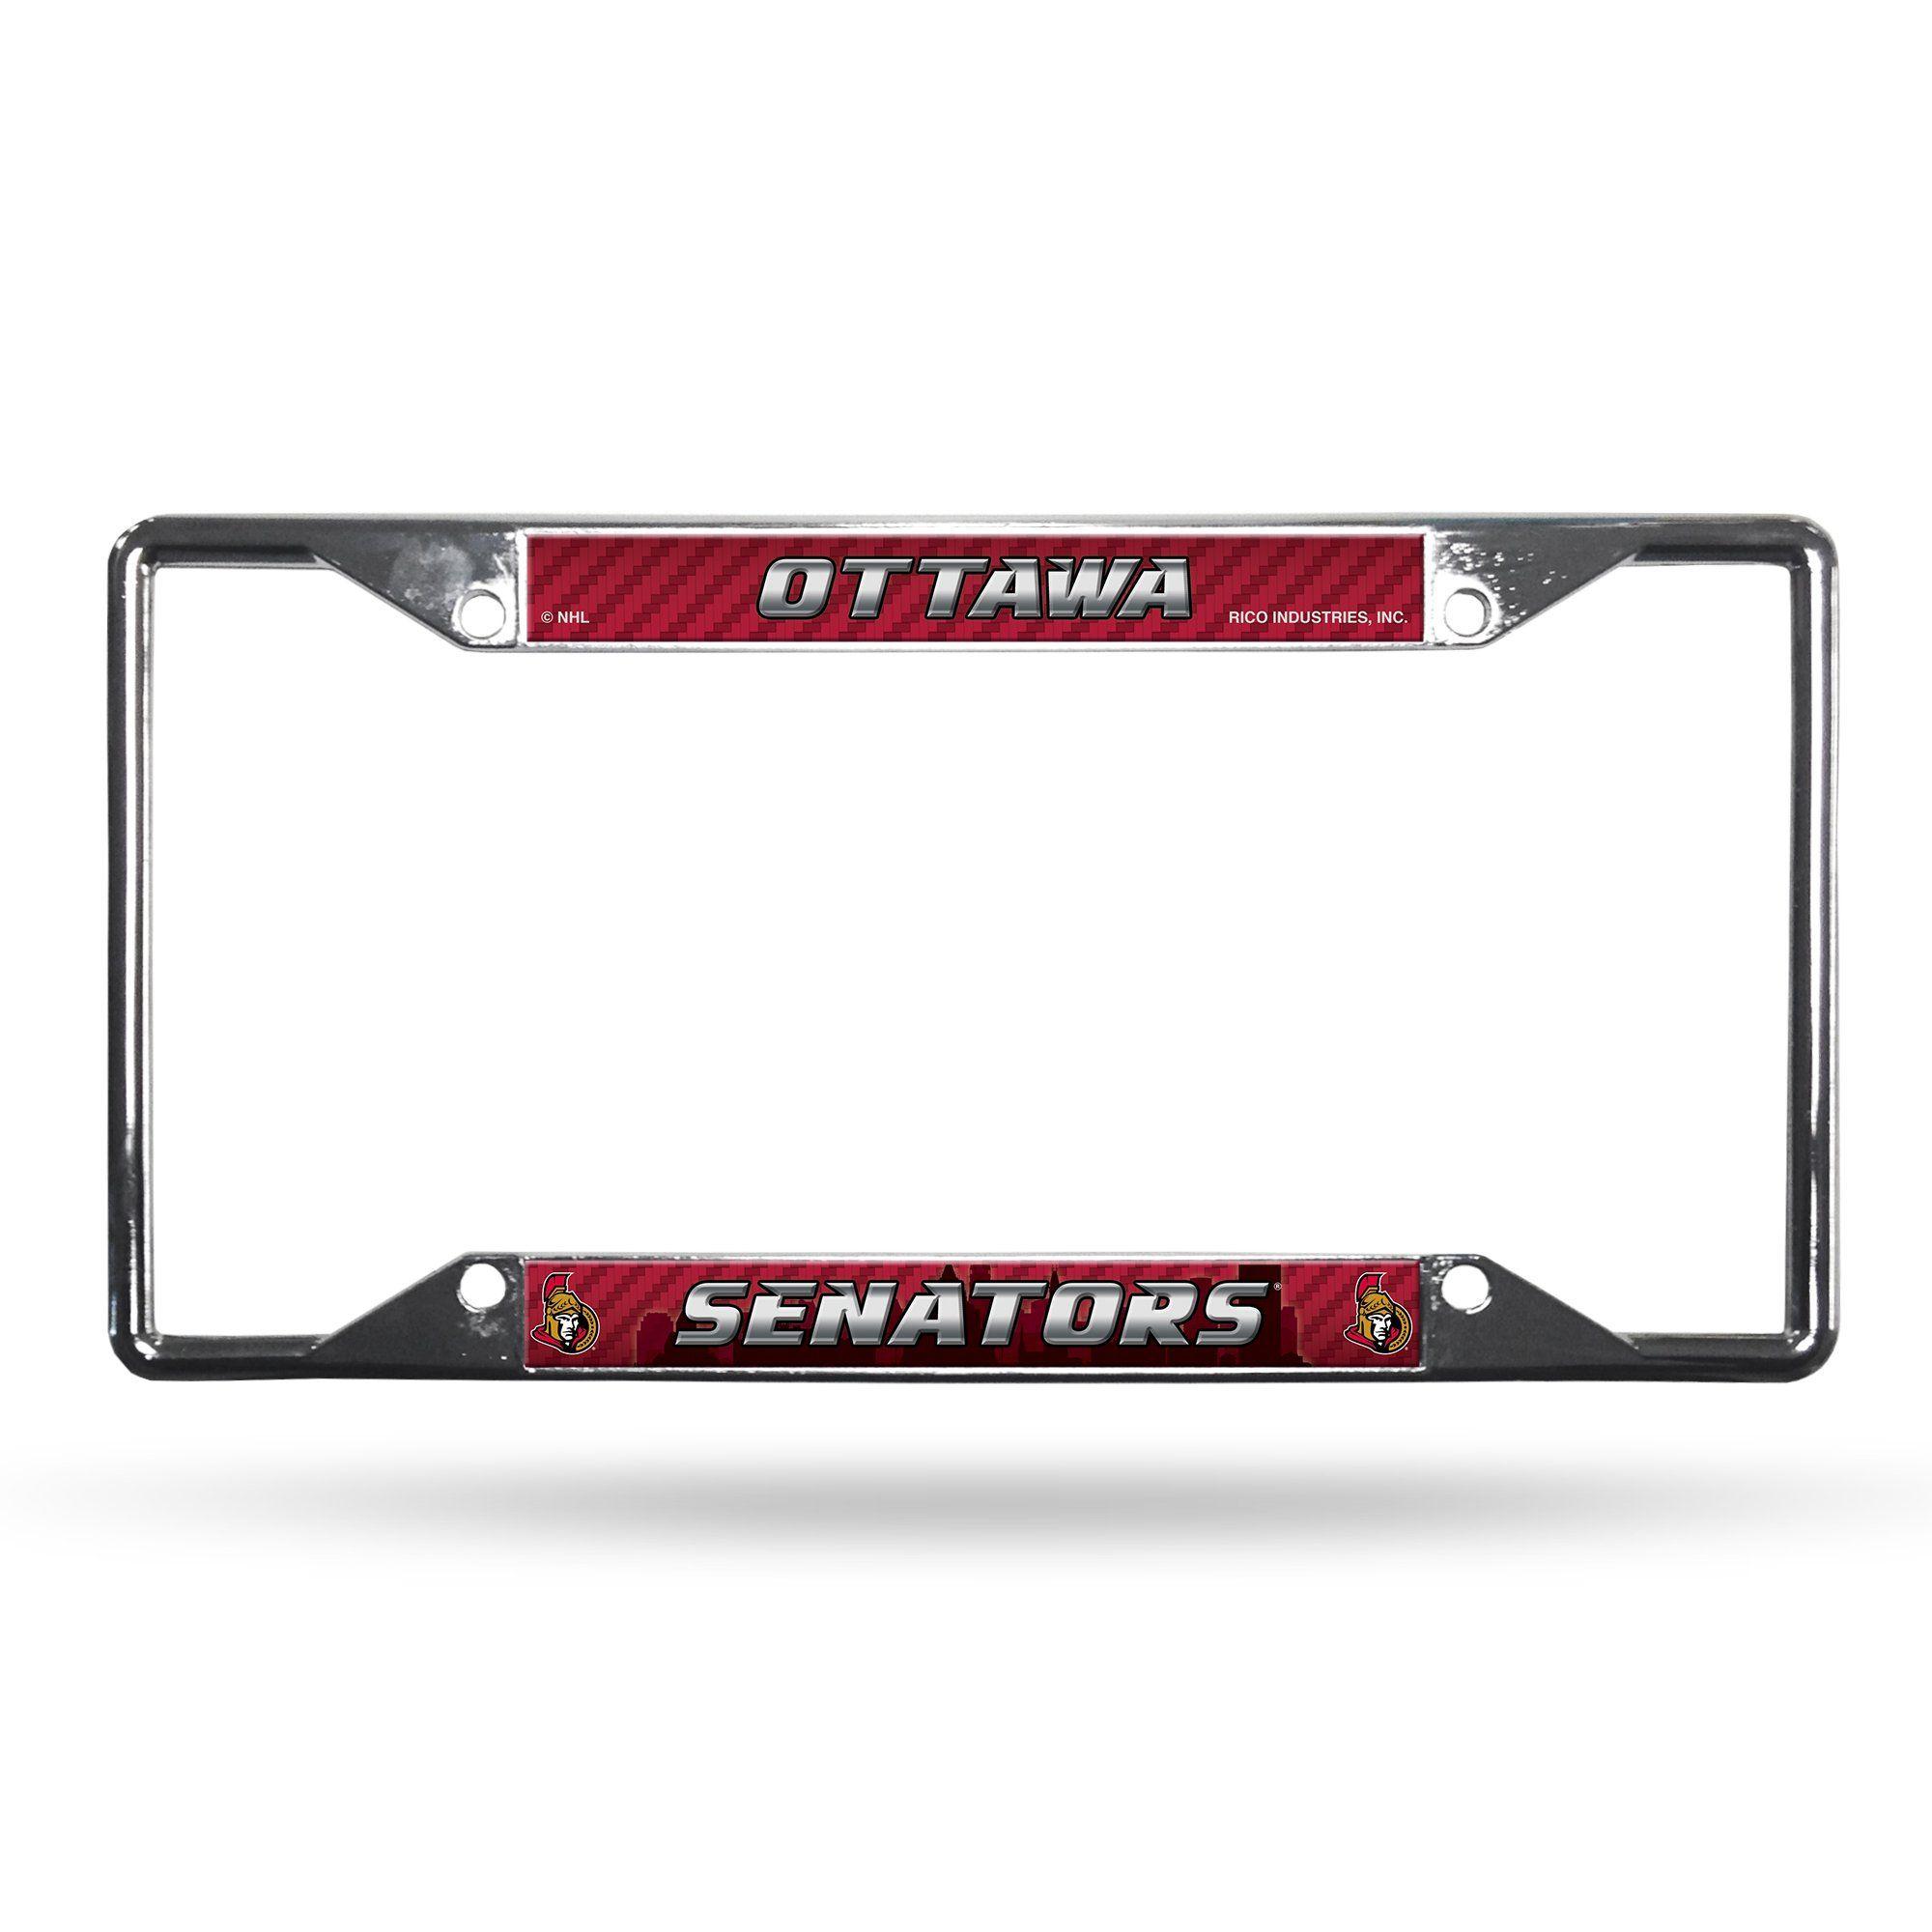 Ottawa Senators License Plate Frame Chrome EZ View | Products ...